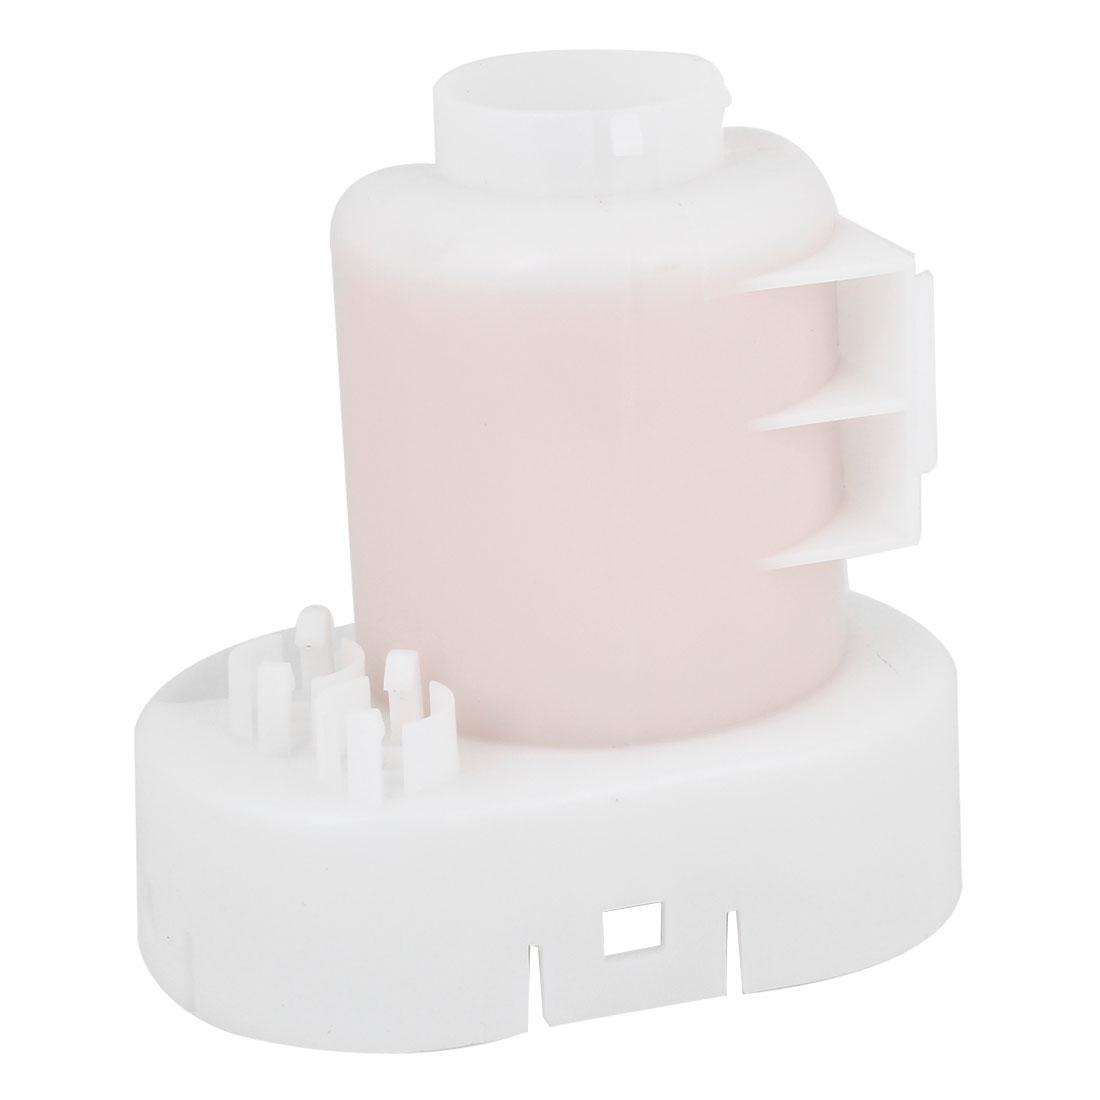 31911-2E000 Auto Car Plastic Casing Oil Fuel Filter Accessory